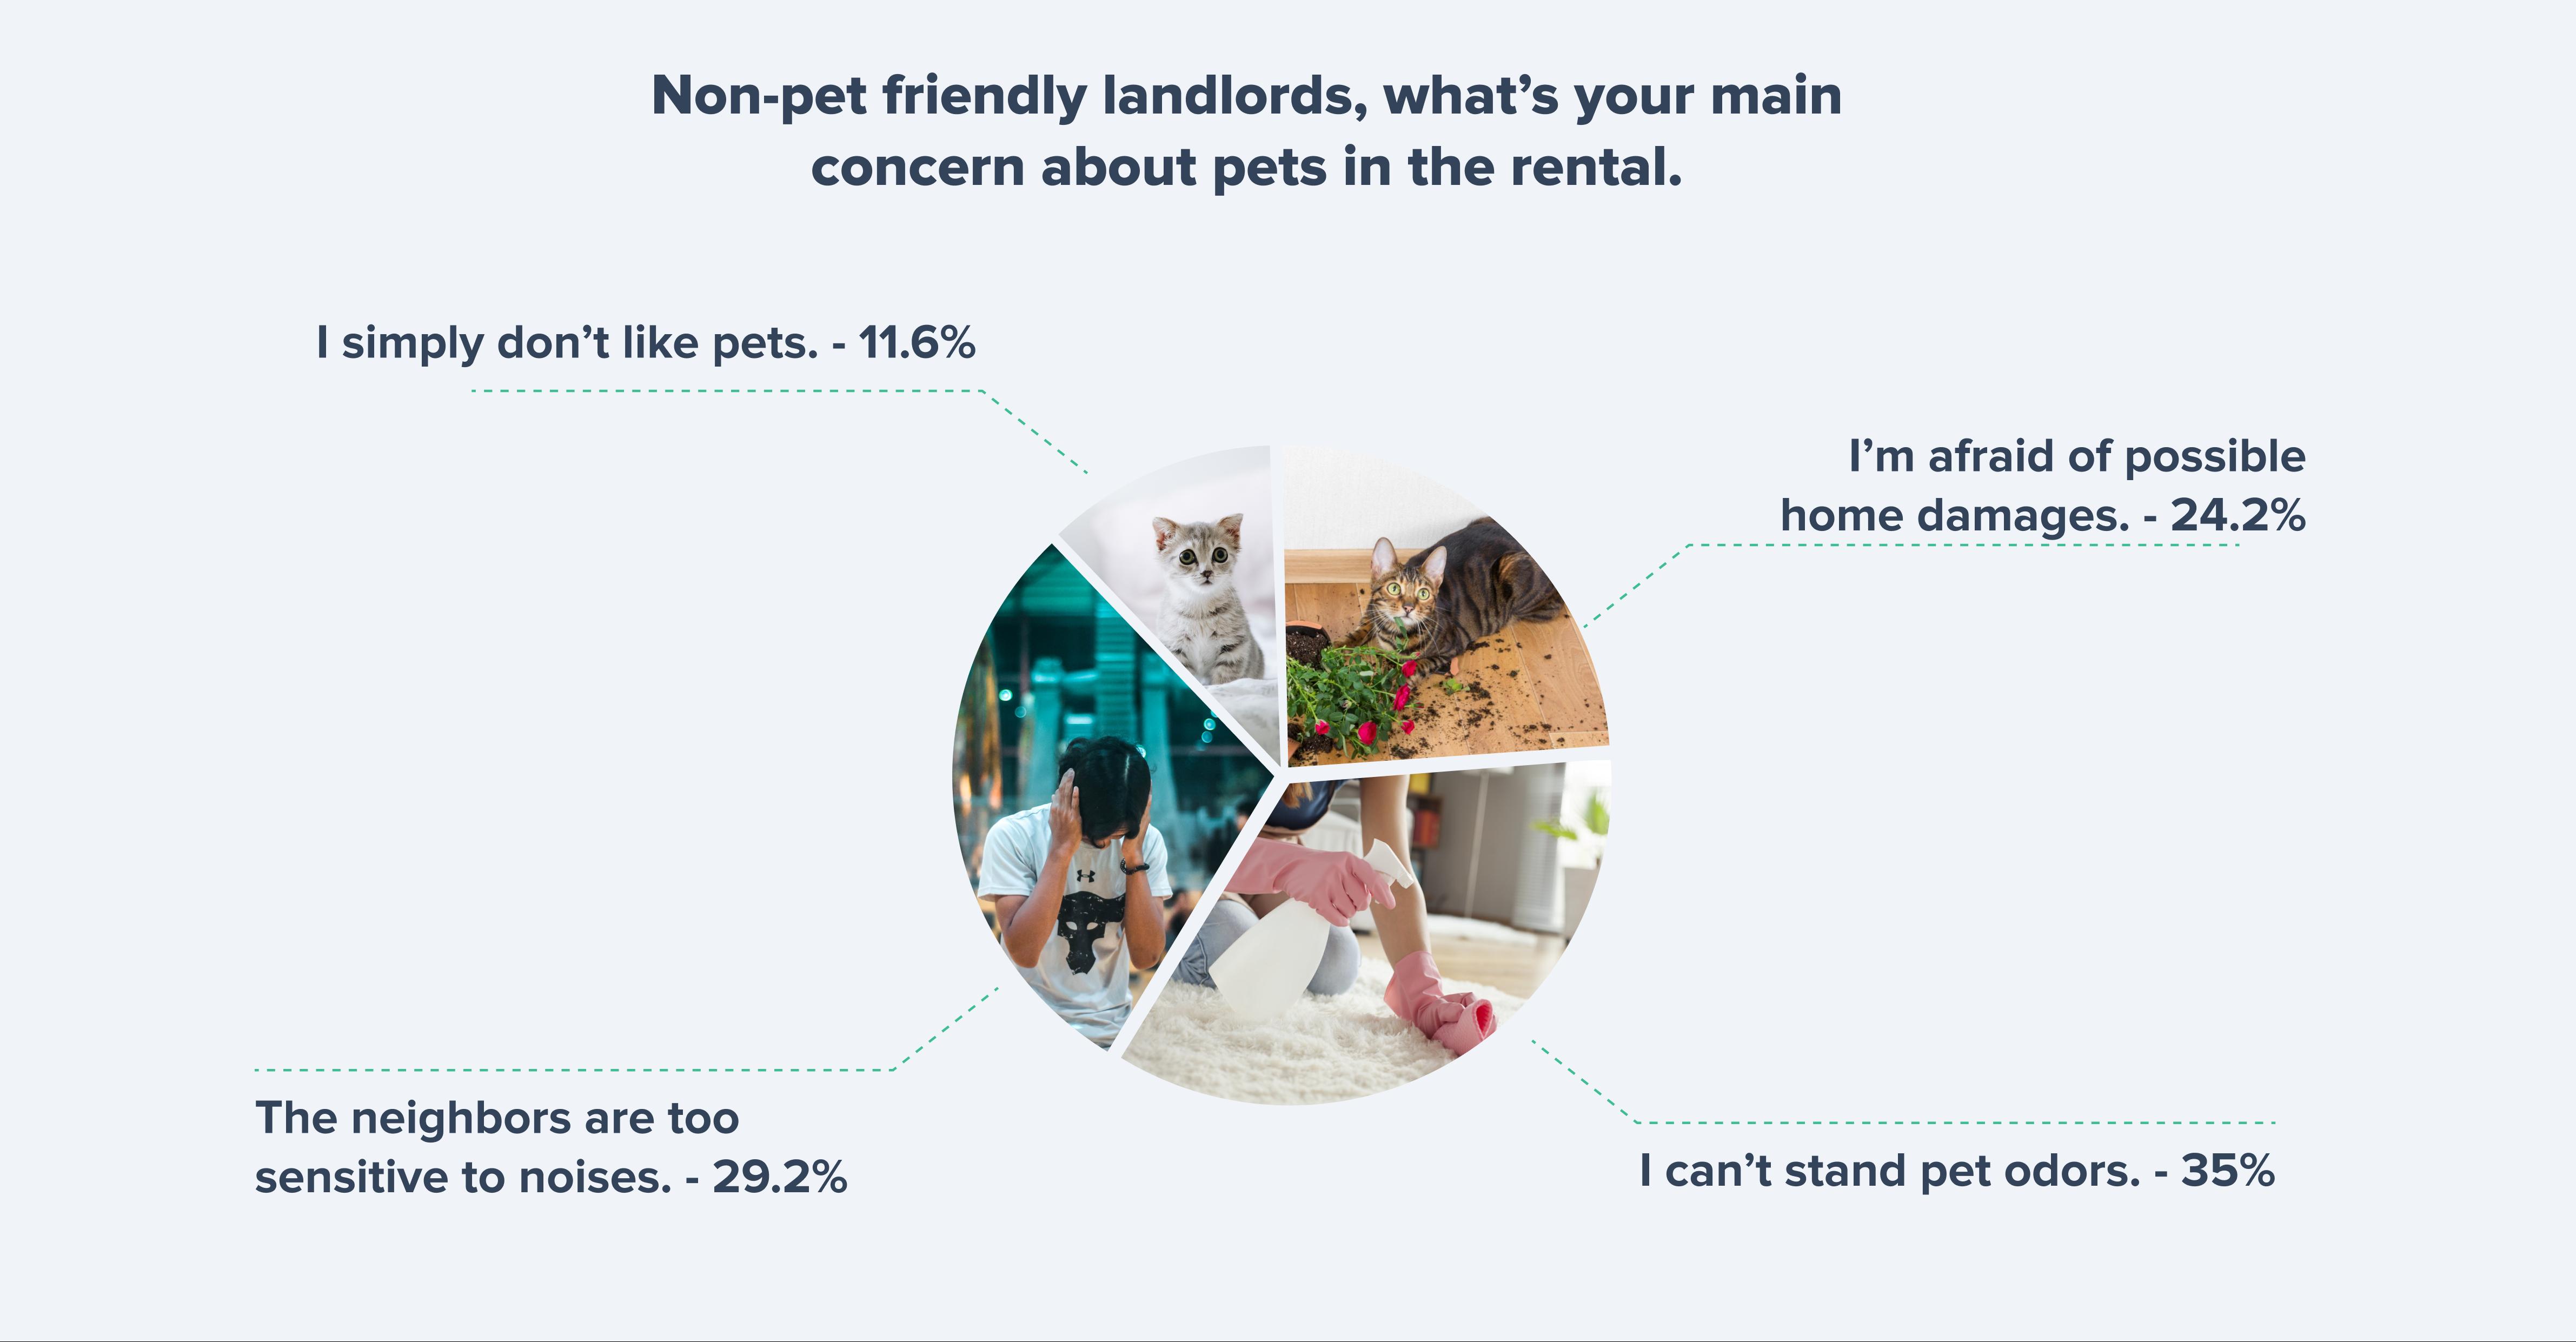 Non-pet friendly landlords